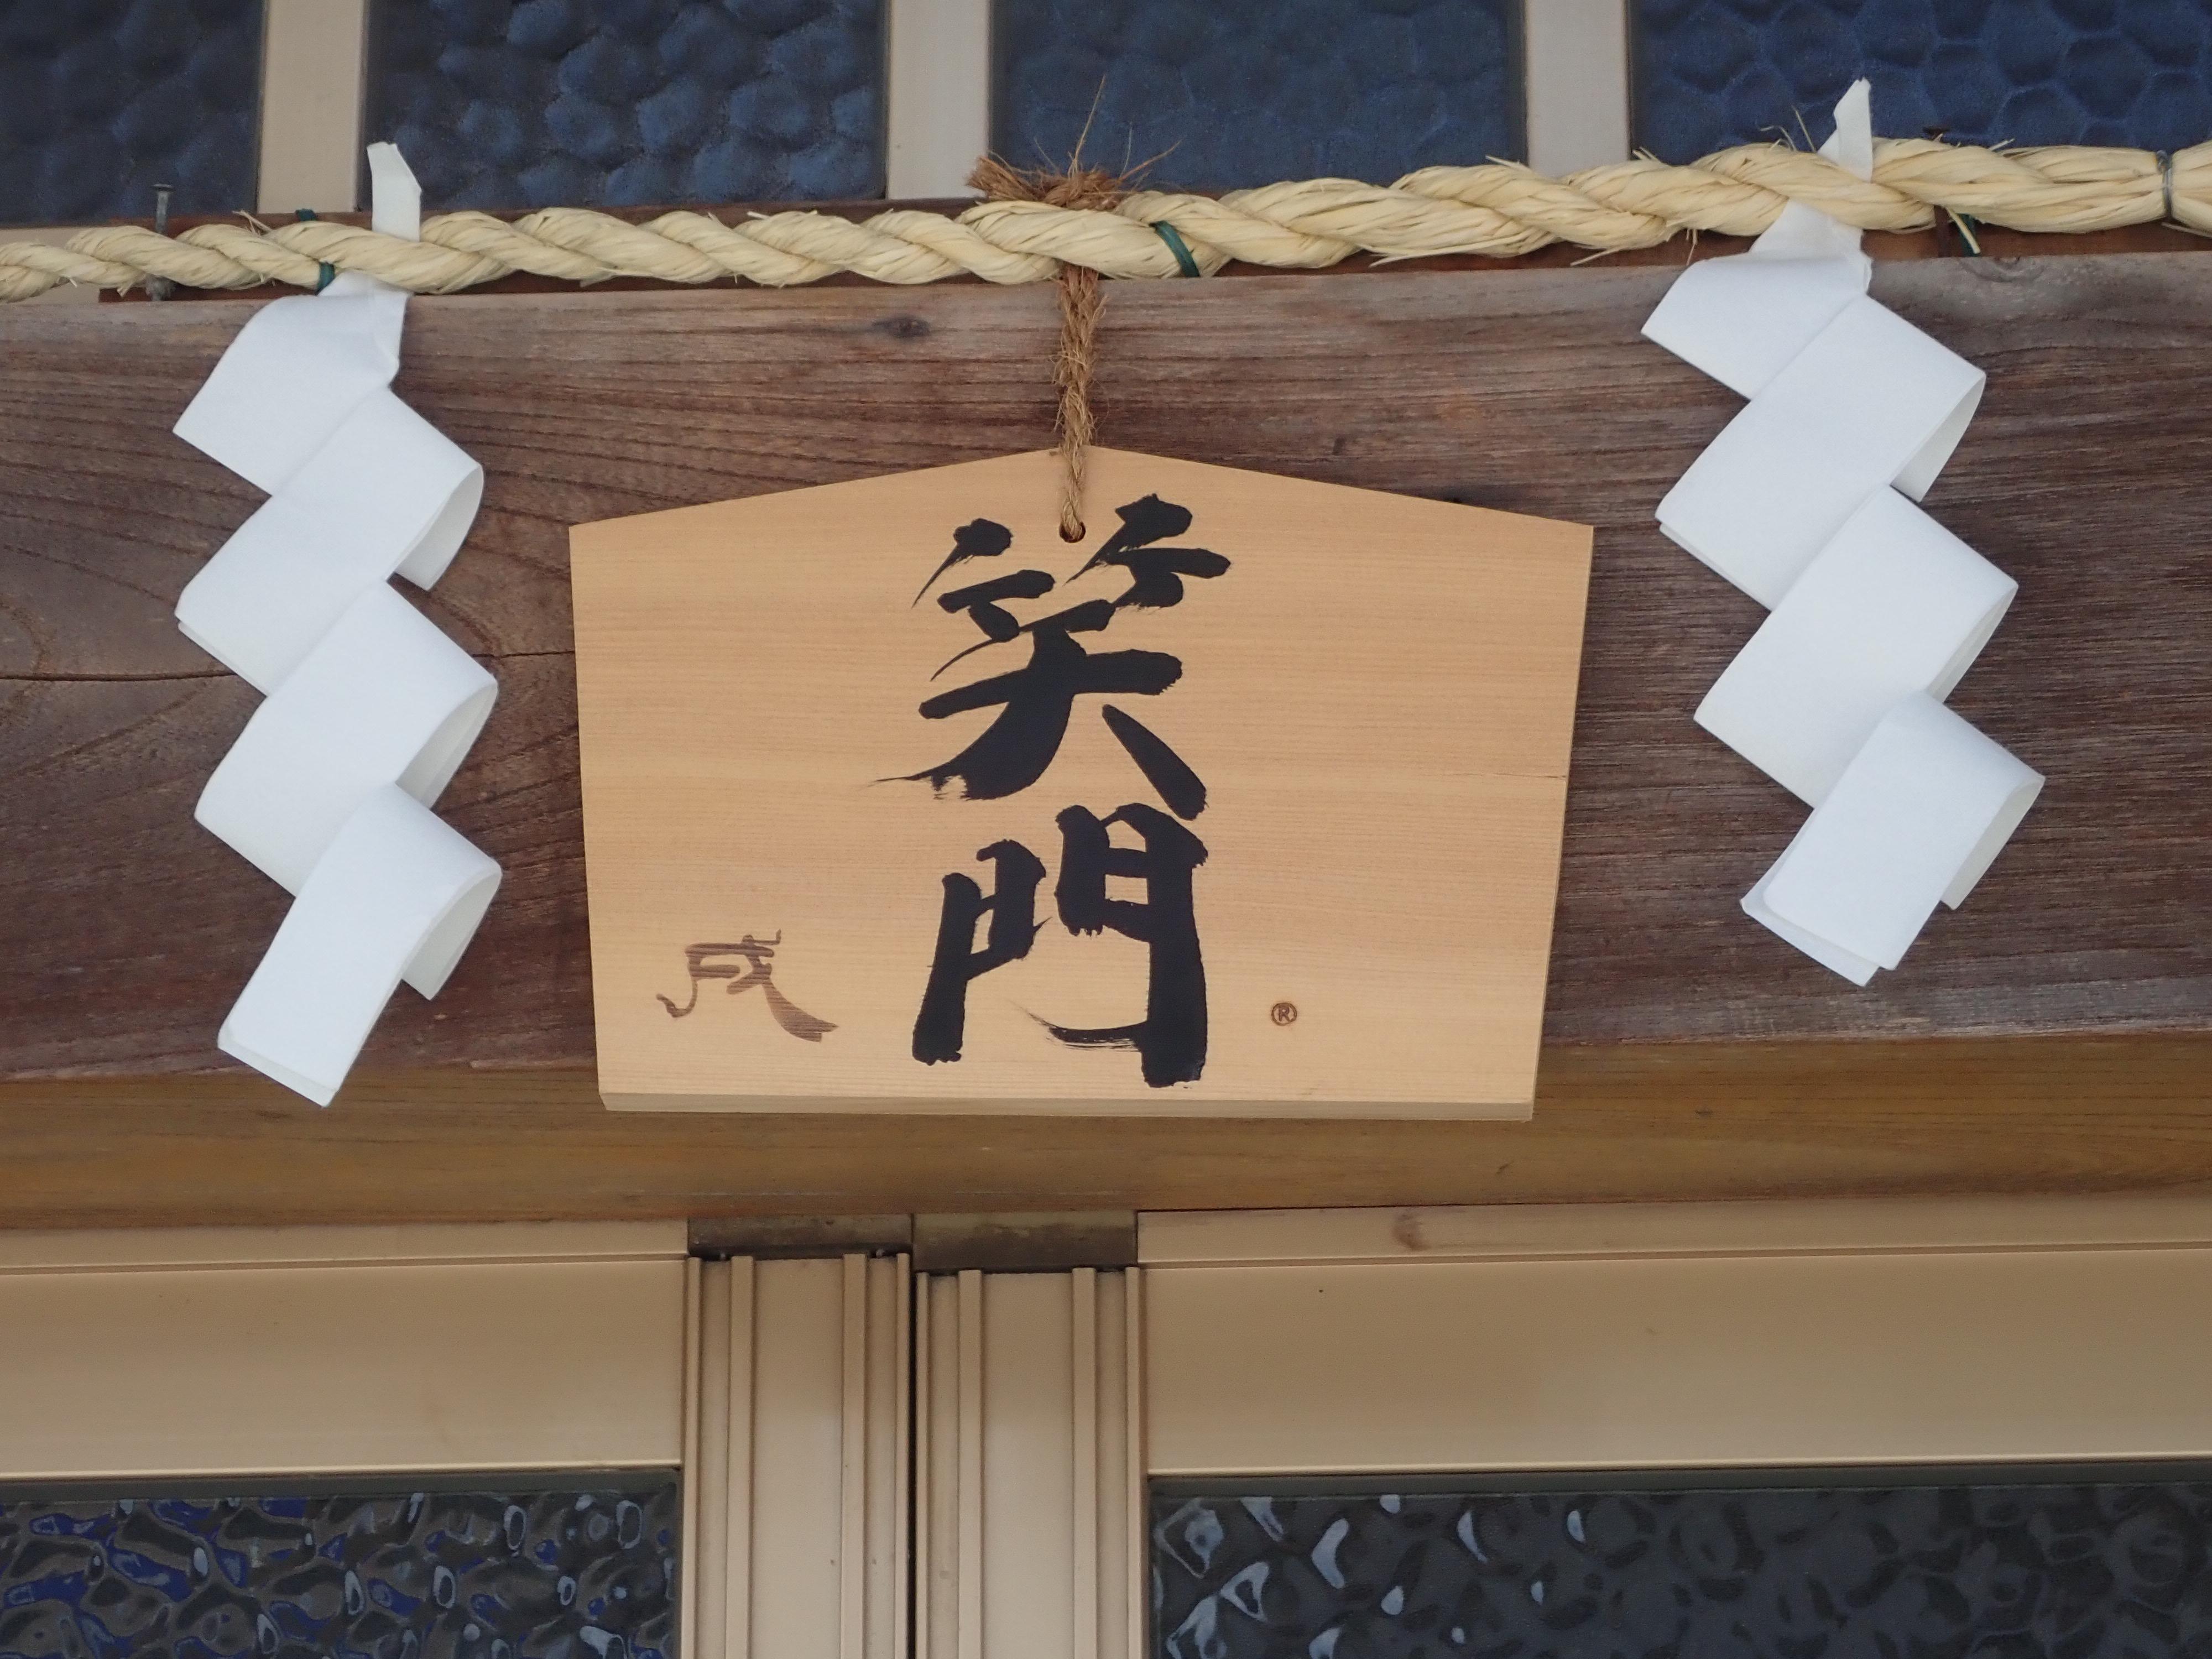 多賀大社の表参道絵馬通りで見られる笑門絵馬